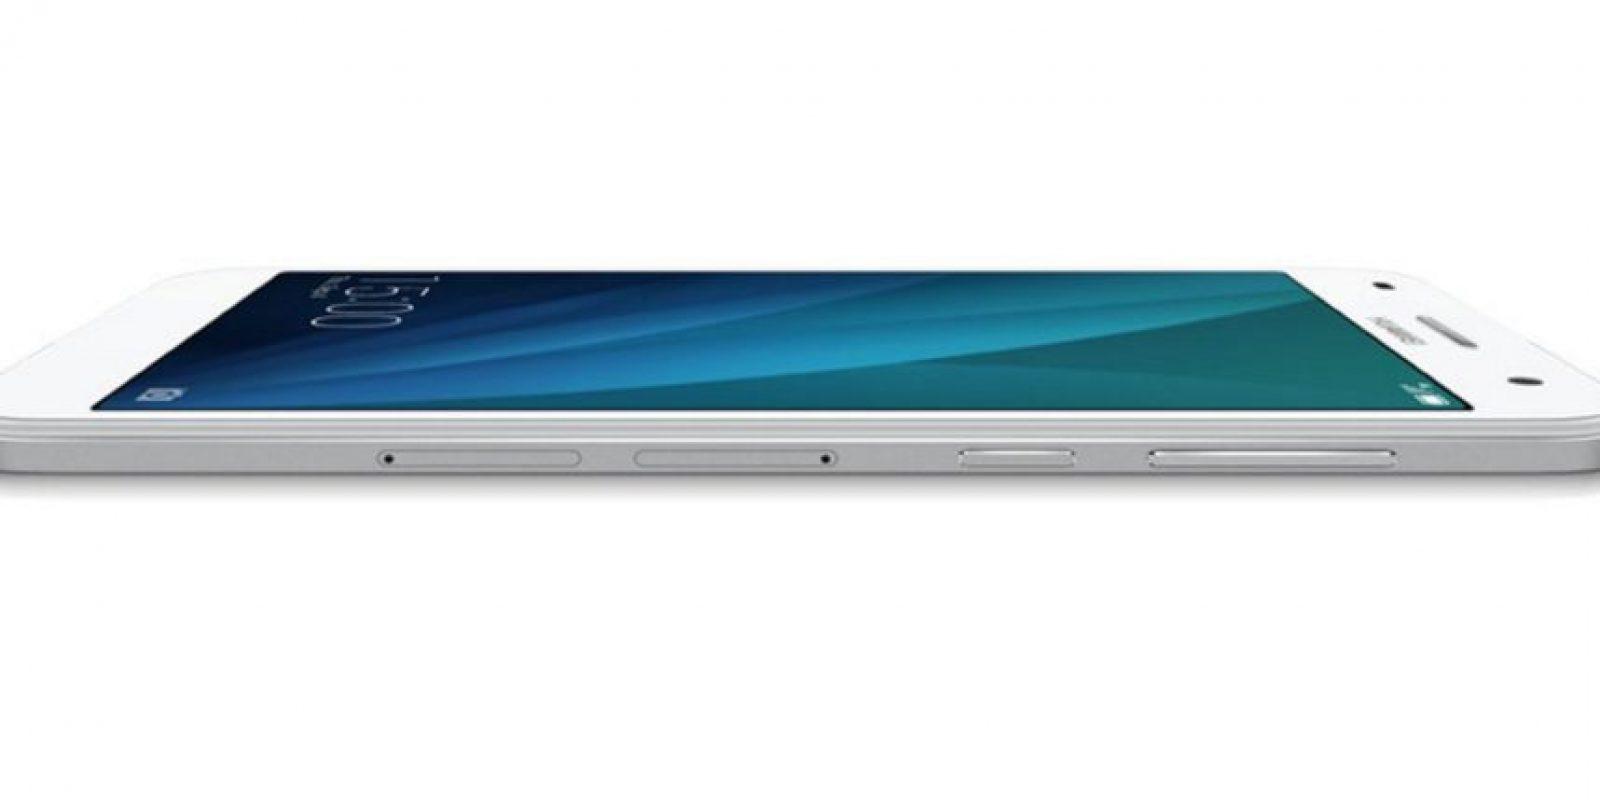 La pantalla es de 5.5 pulgadas, cámara frontal de 5 megapíxeles, posterior de 13 megapíxeles, soporte para redes 4G/LTE y batería de 3.000 mAh. Foto:Huawei